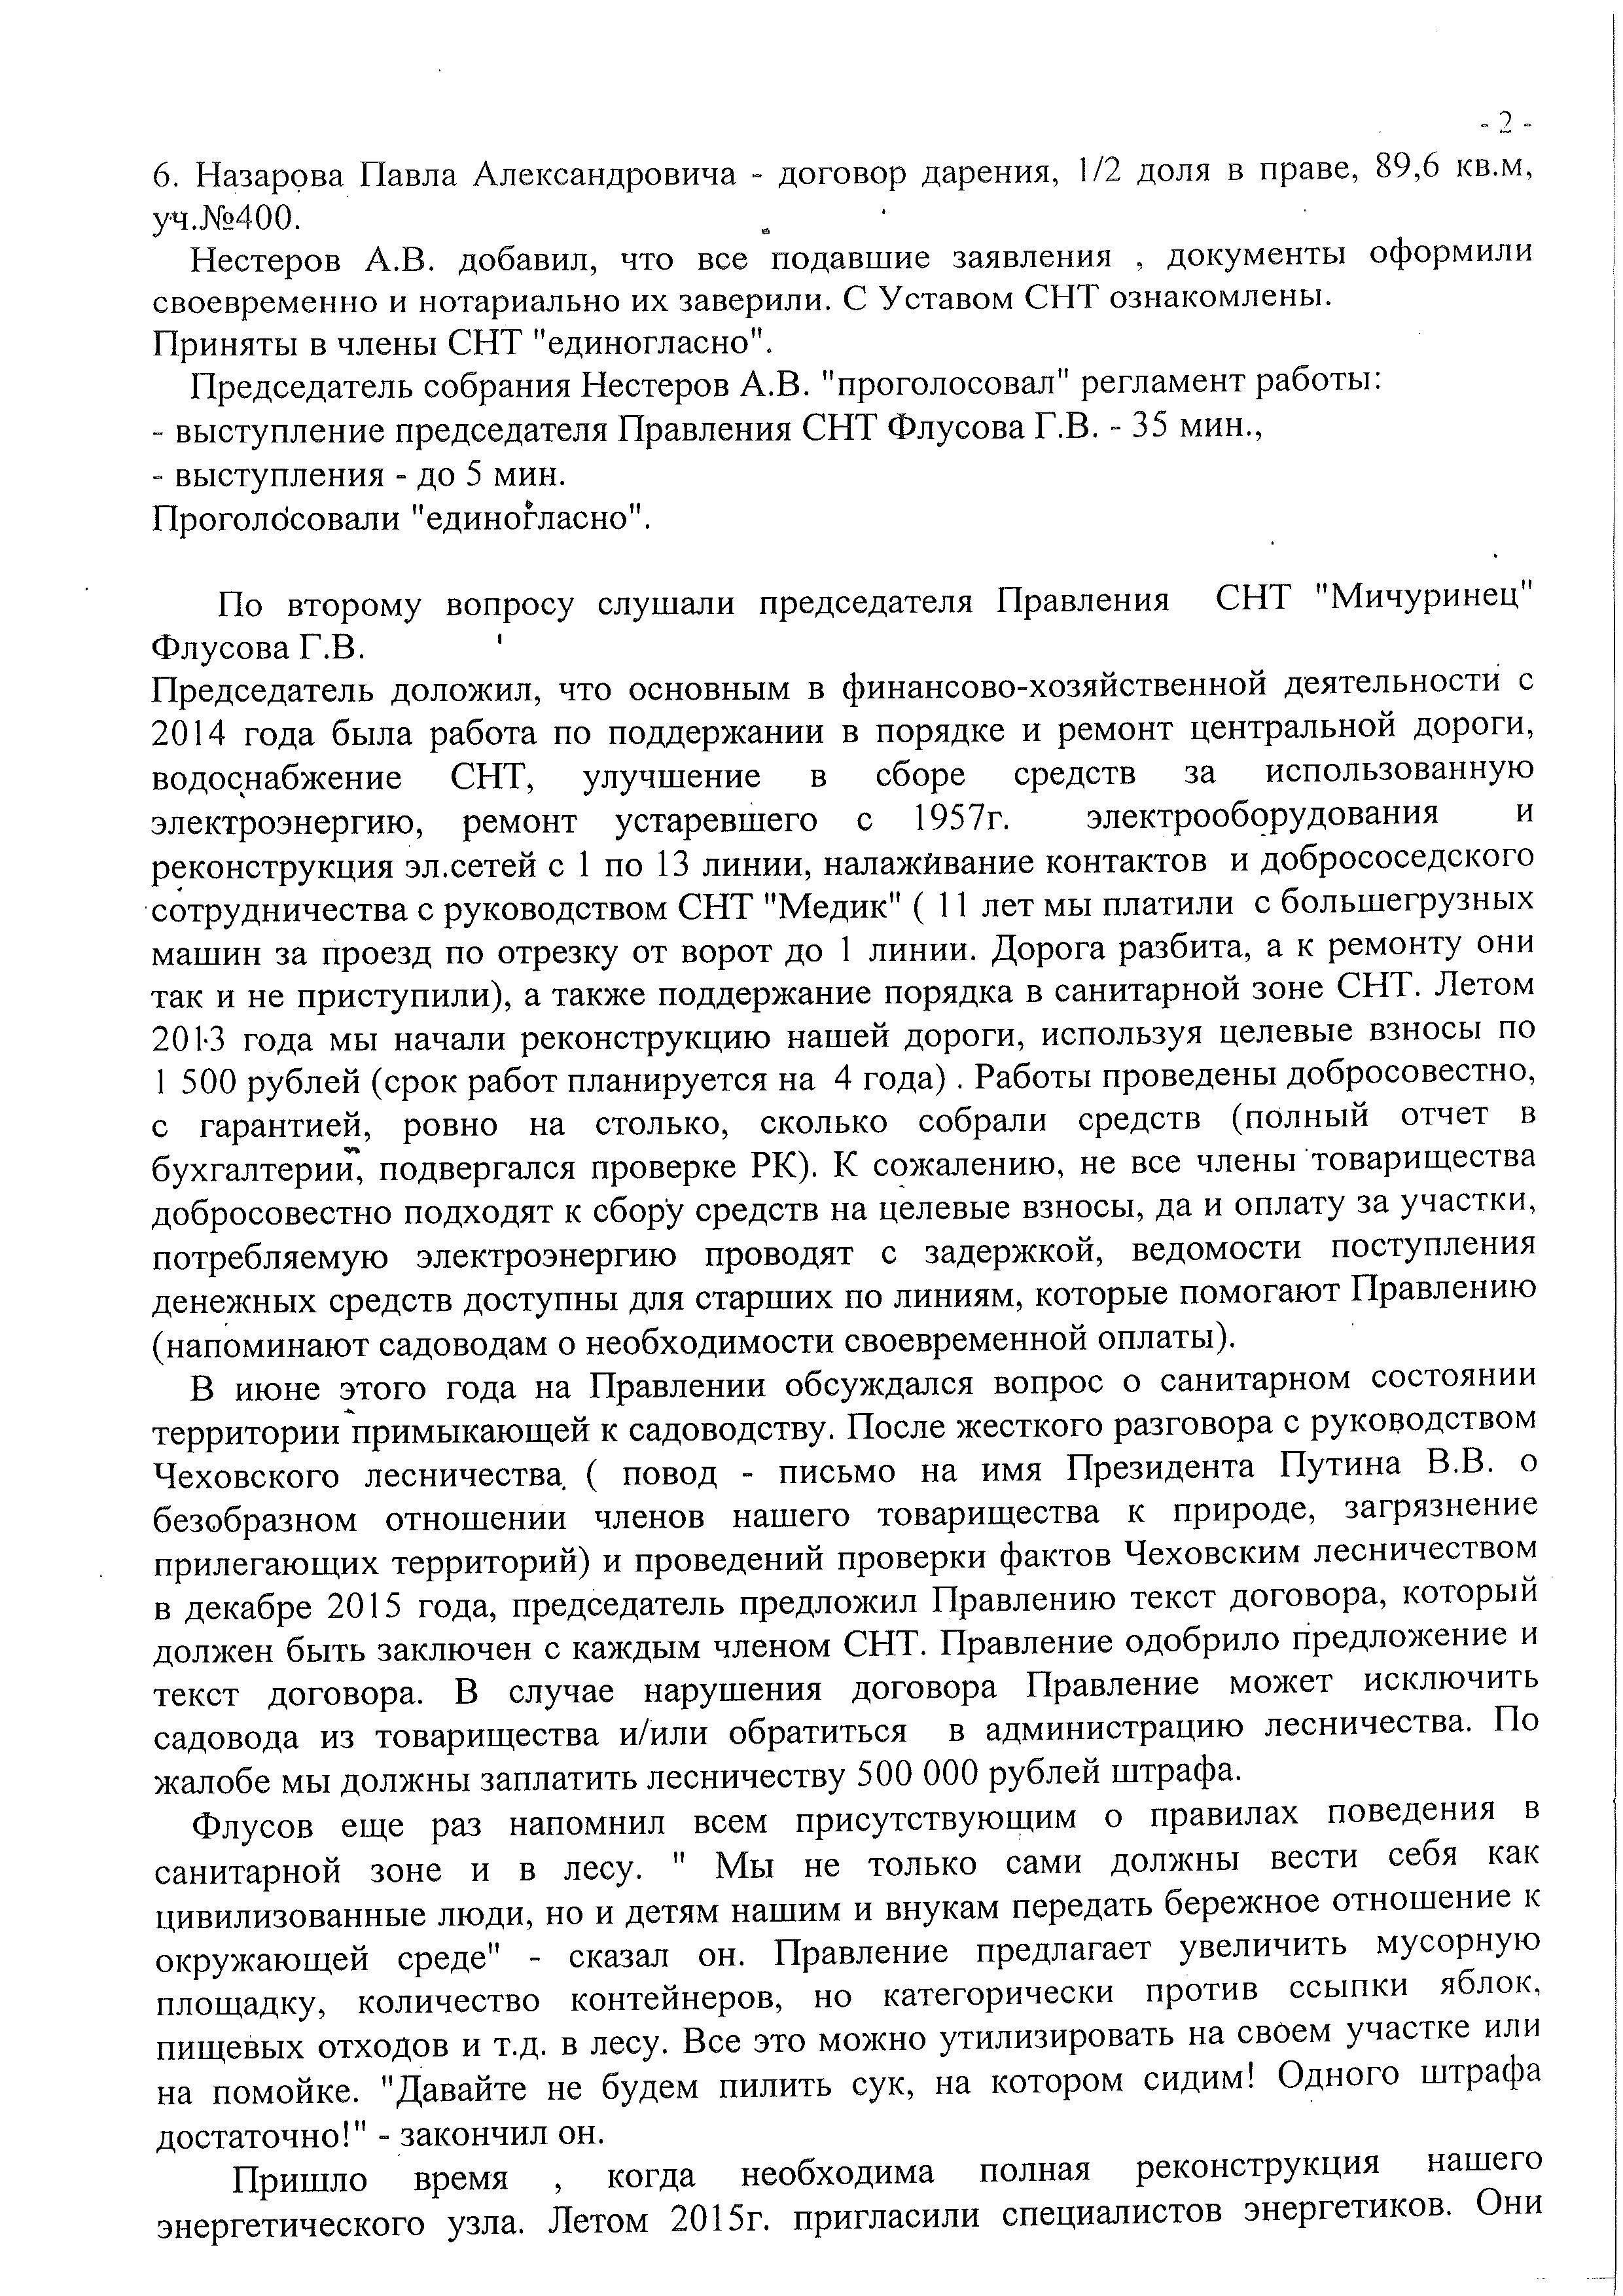 Протокол общего собрания членов СНТ Мичуринец ГУВД Москвы 2016 стр2